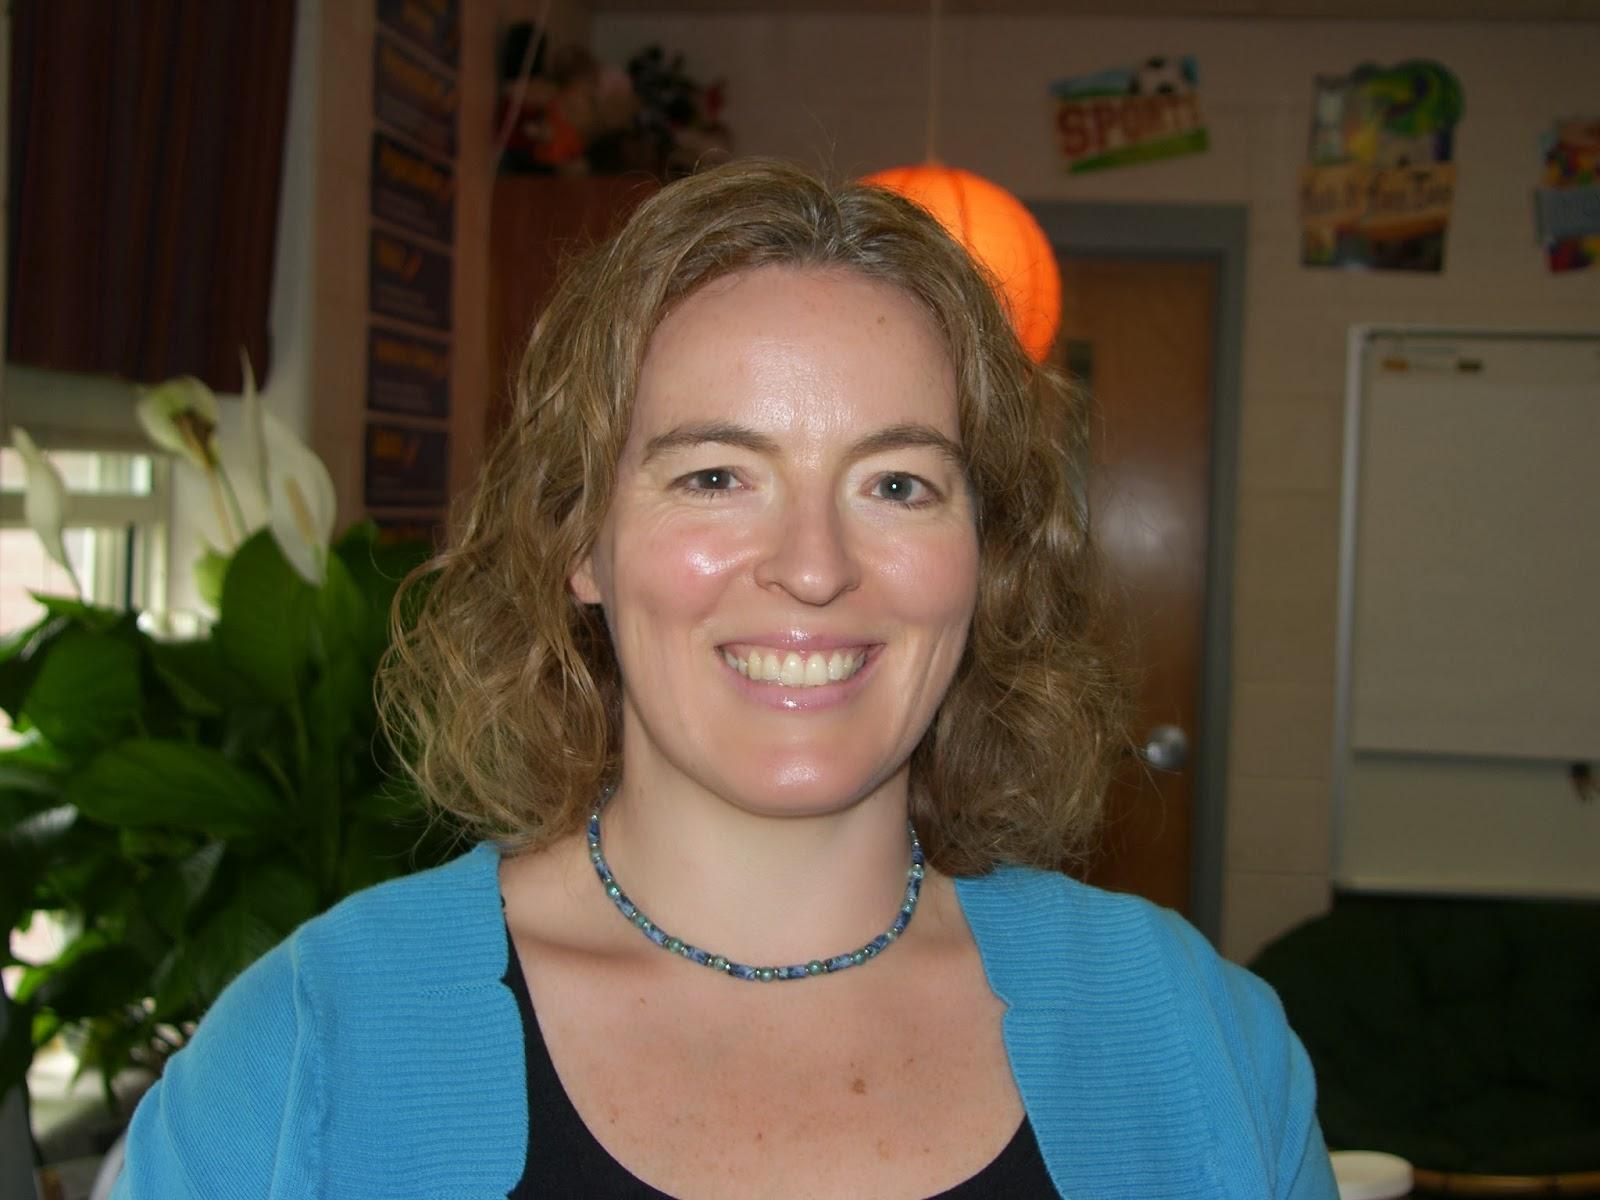 Tessa Johnson